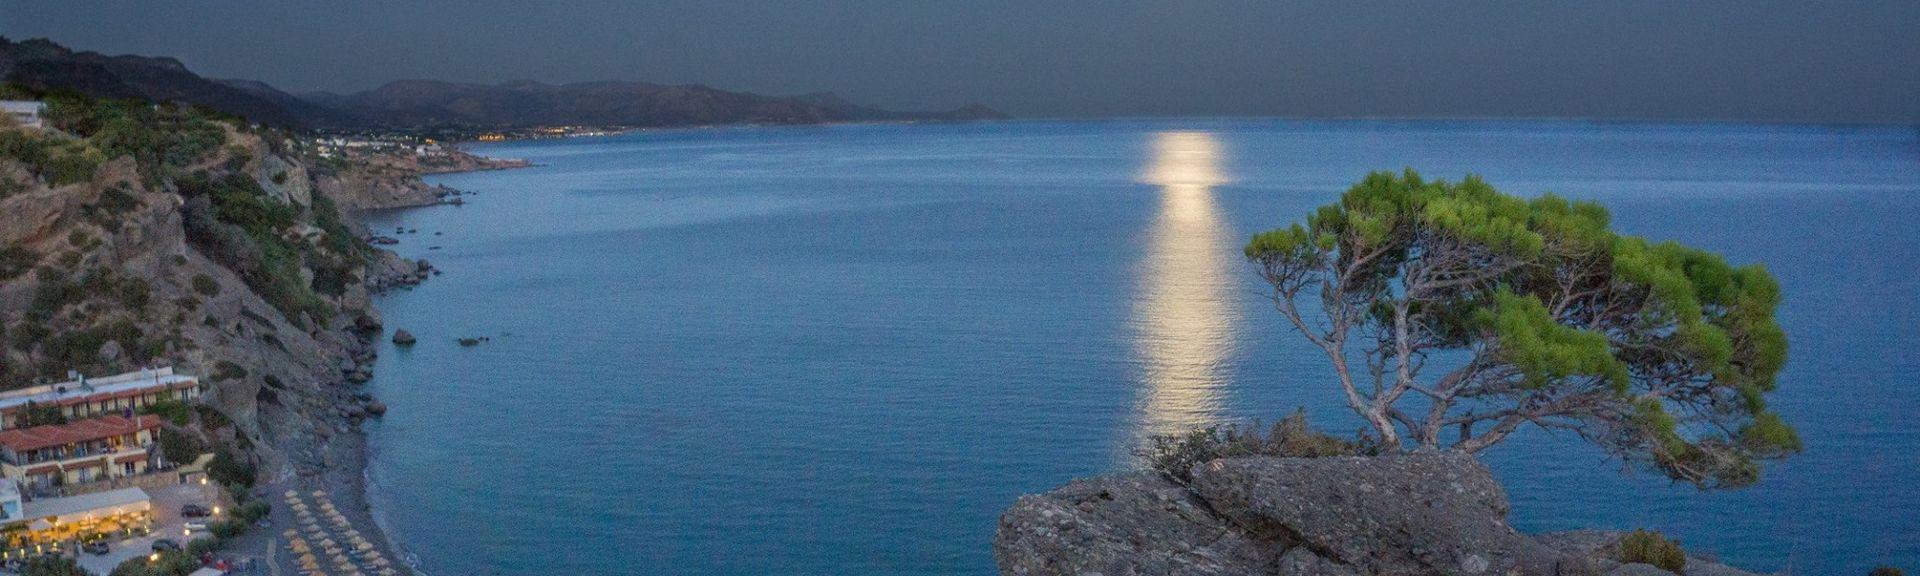 Achlia, Greece